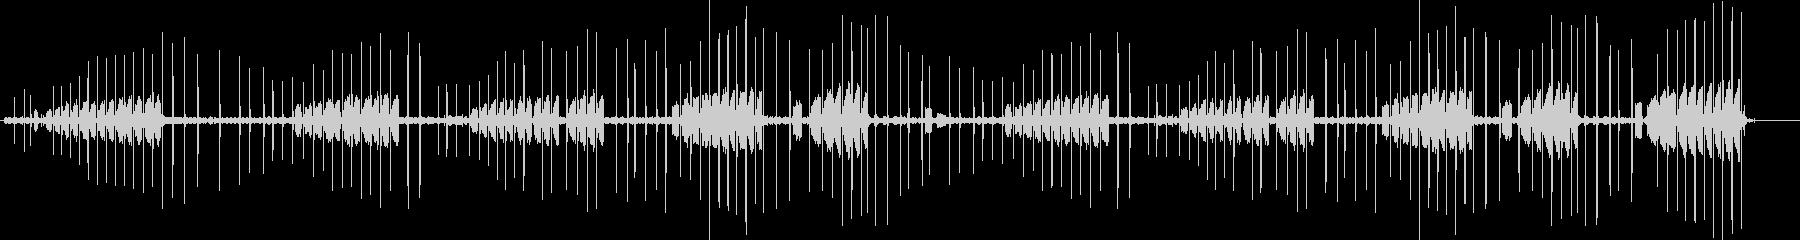 バッタのクリック音とラチェットサウ...の未再生の波形